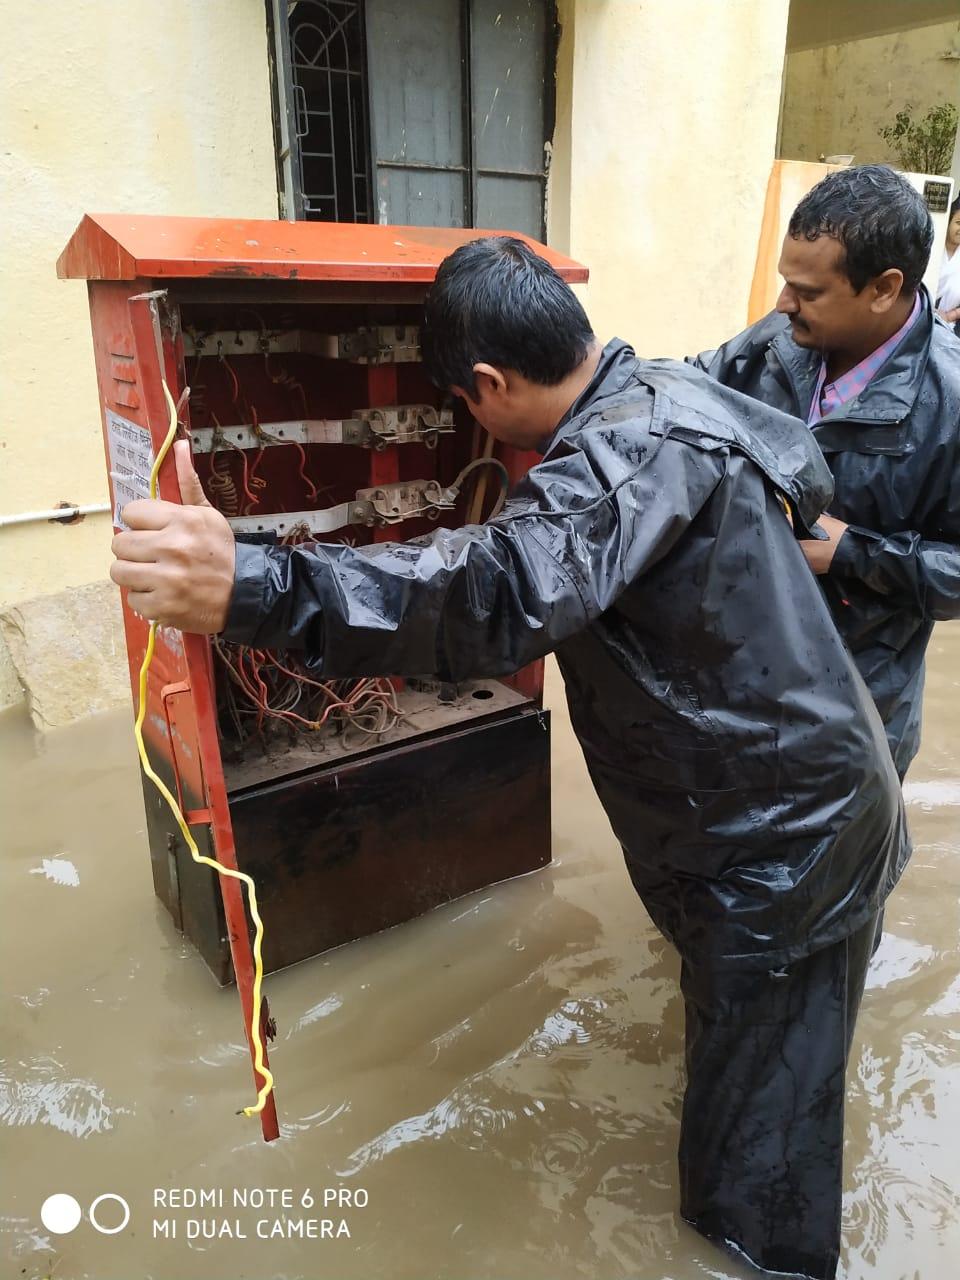 पाण्याचा विसर्ग वाढल्याने वीज वितरण यंत्रणा कोलमडली